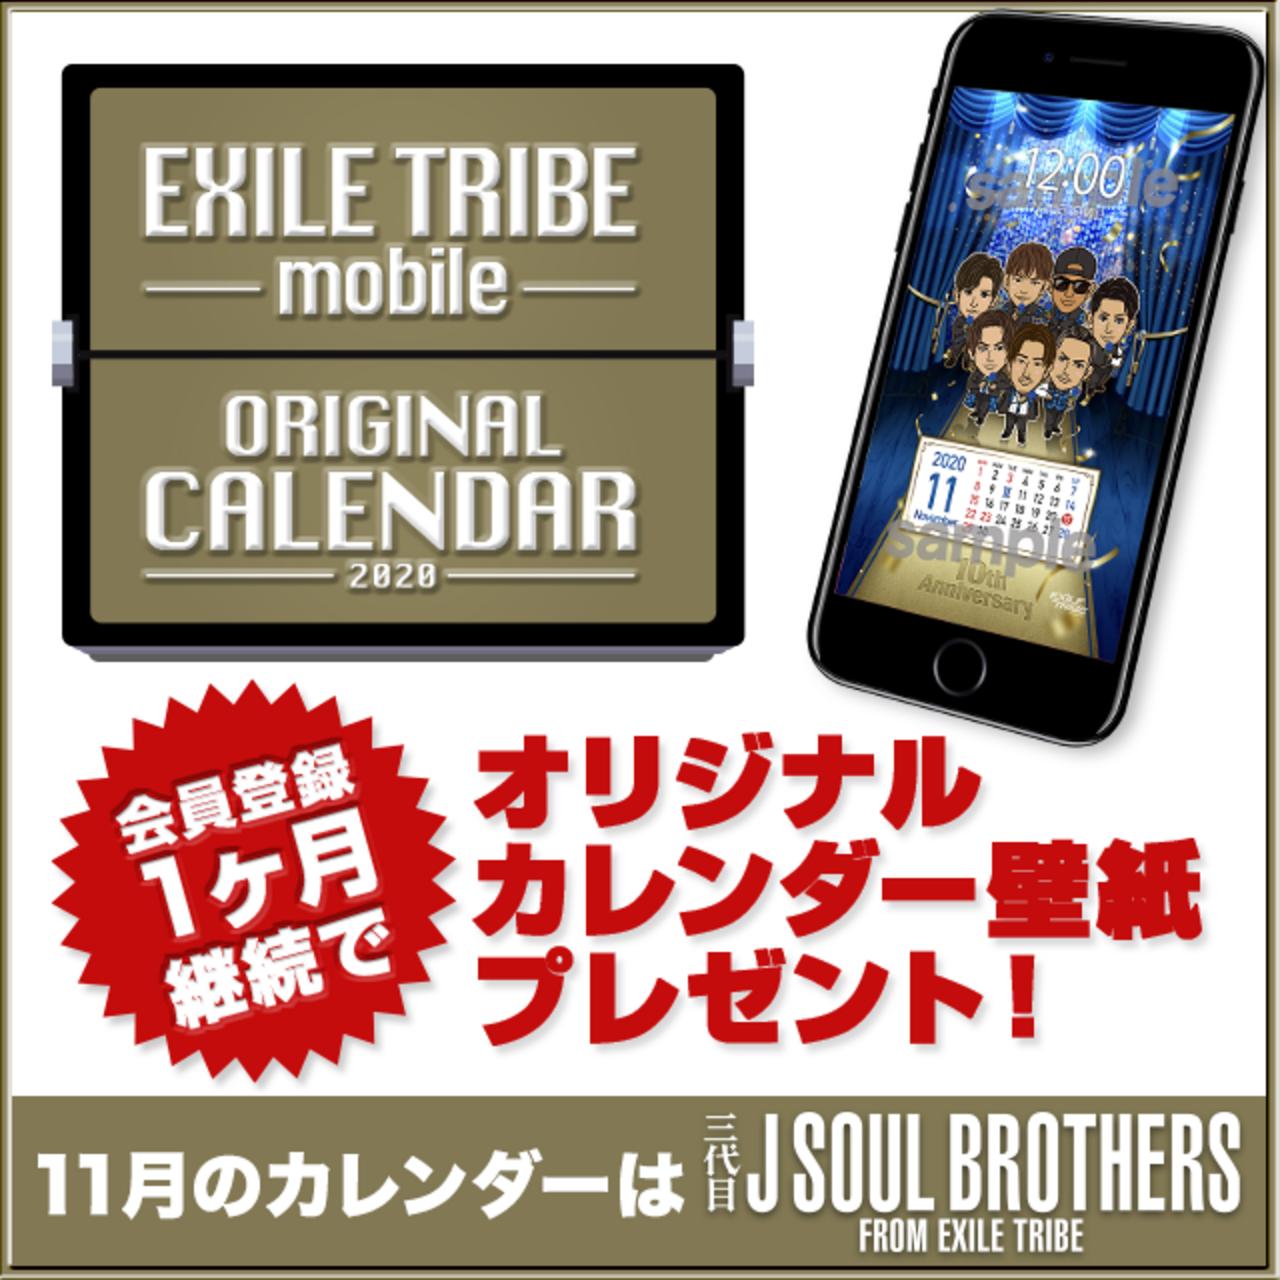 11月のカレンダーは三代目 J Soul Brothers 11 1 日 12 00より11月のexile Tribe Mobileオリジナルカレンダー壁紙配信スタート News Exile Tribe Mobile